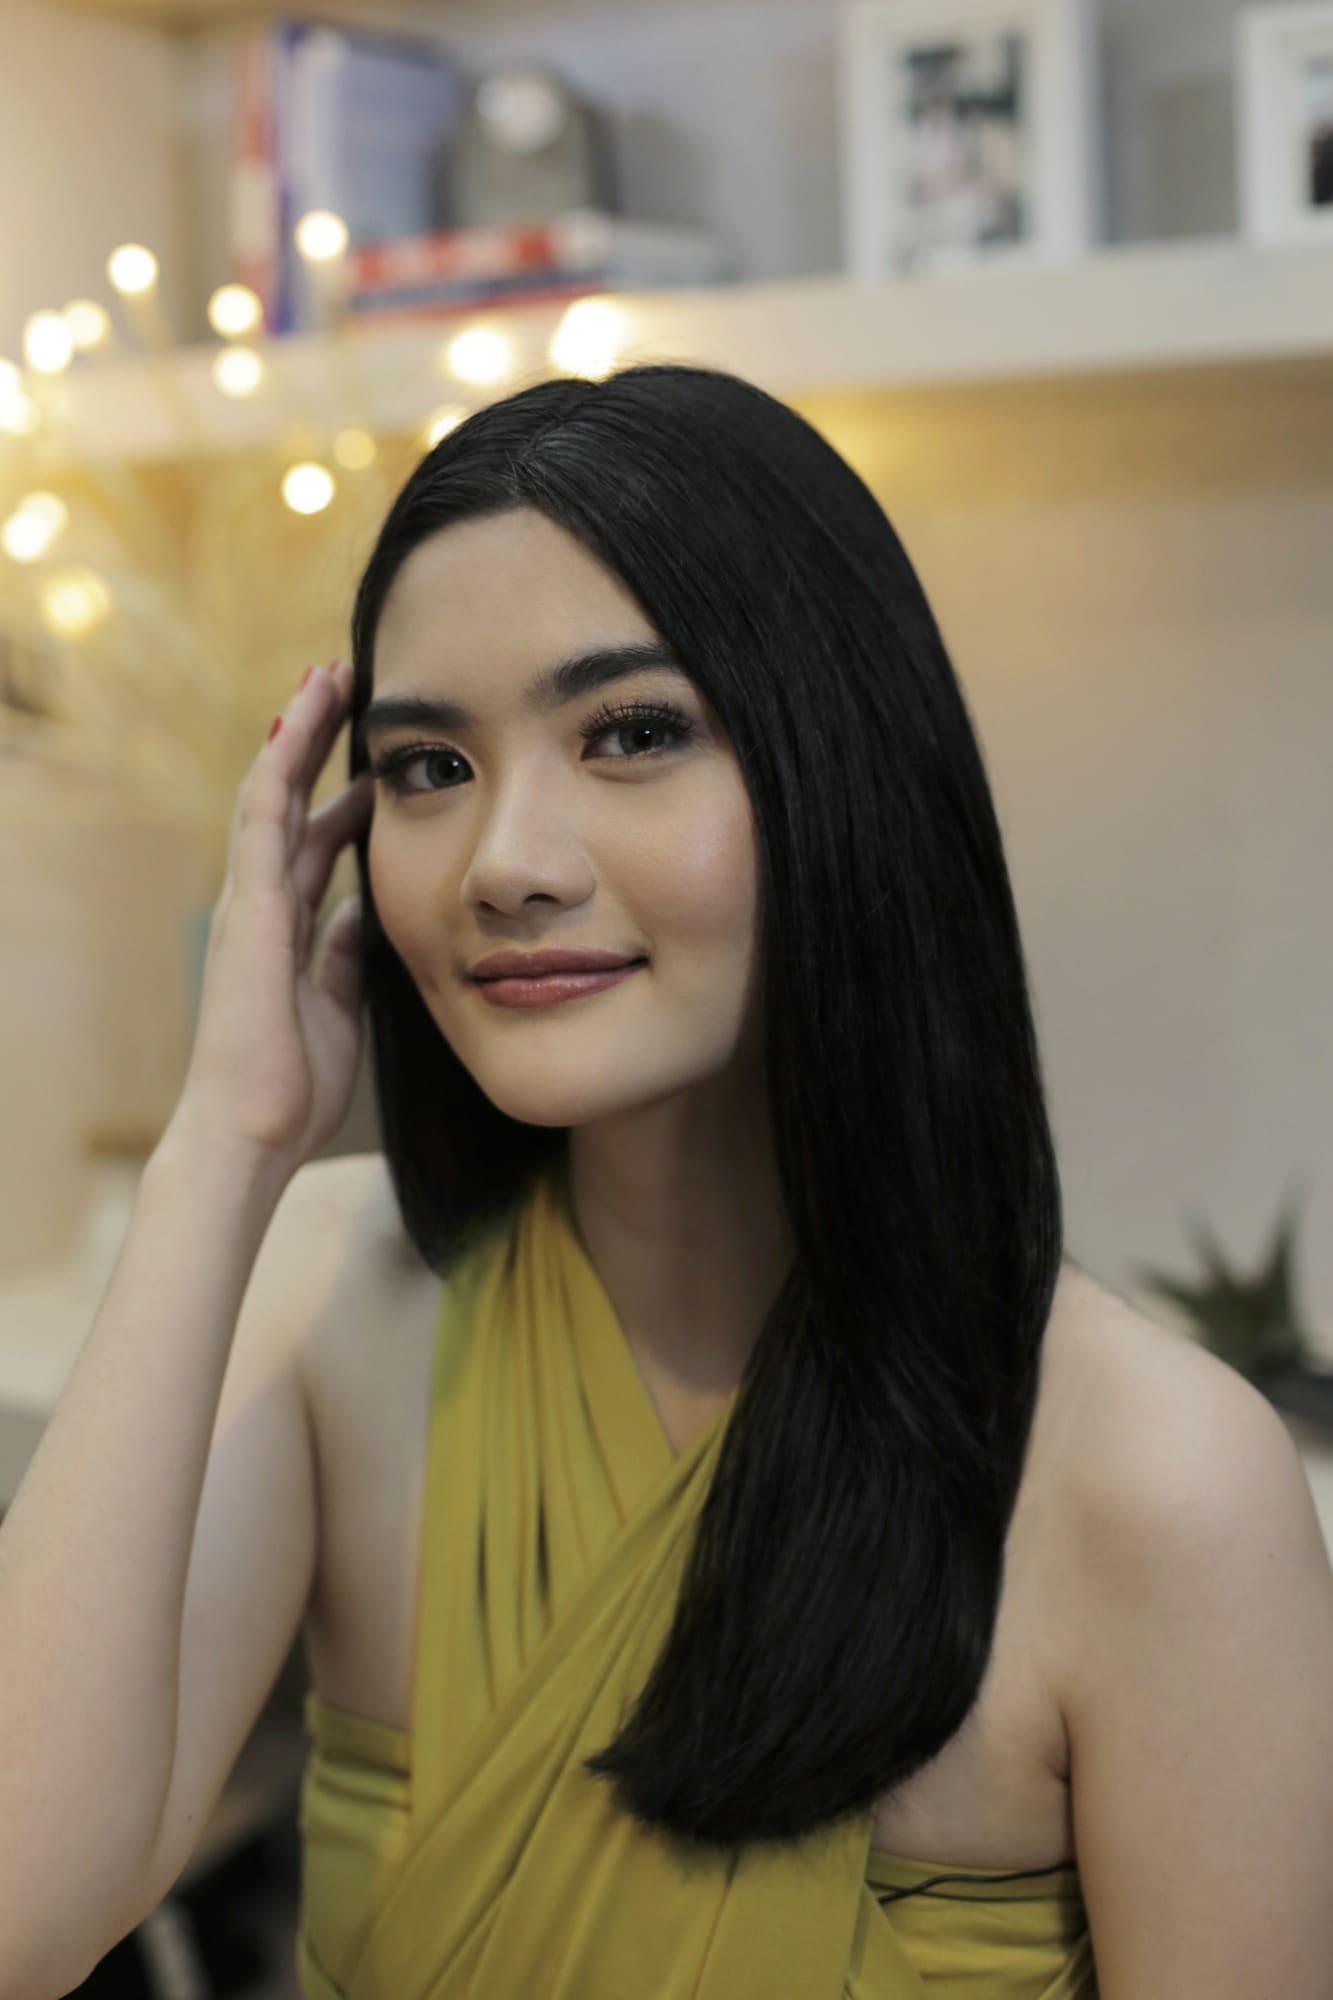 Rambut hitam tebal tanpa layer pada wanita asia.